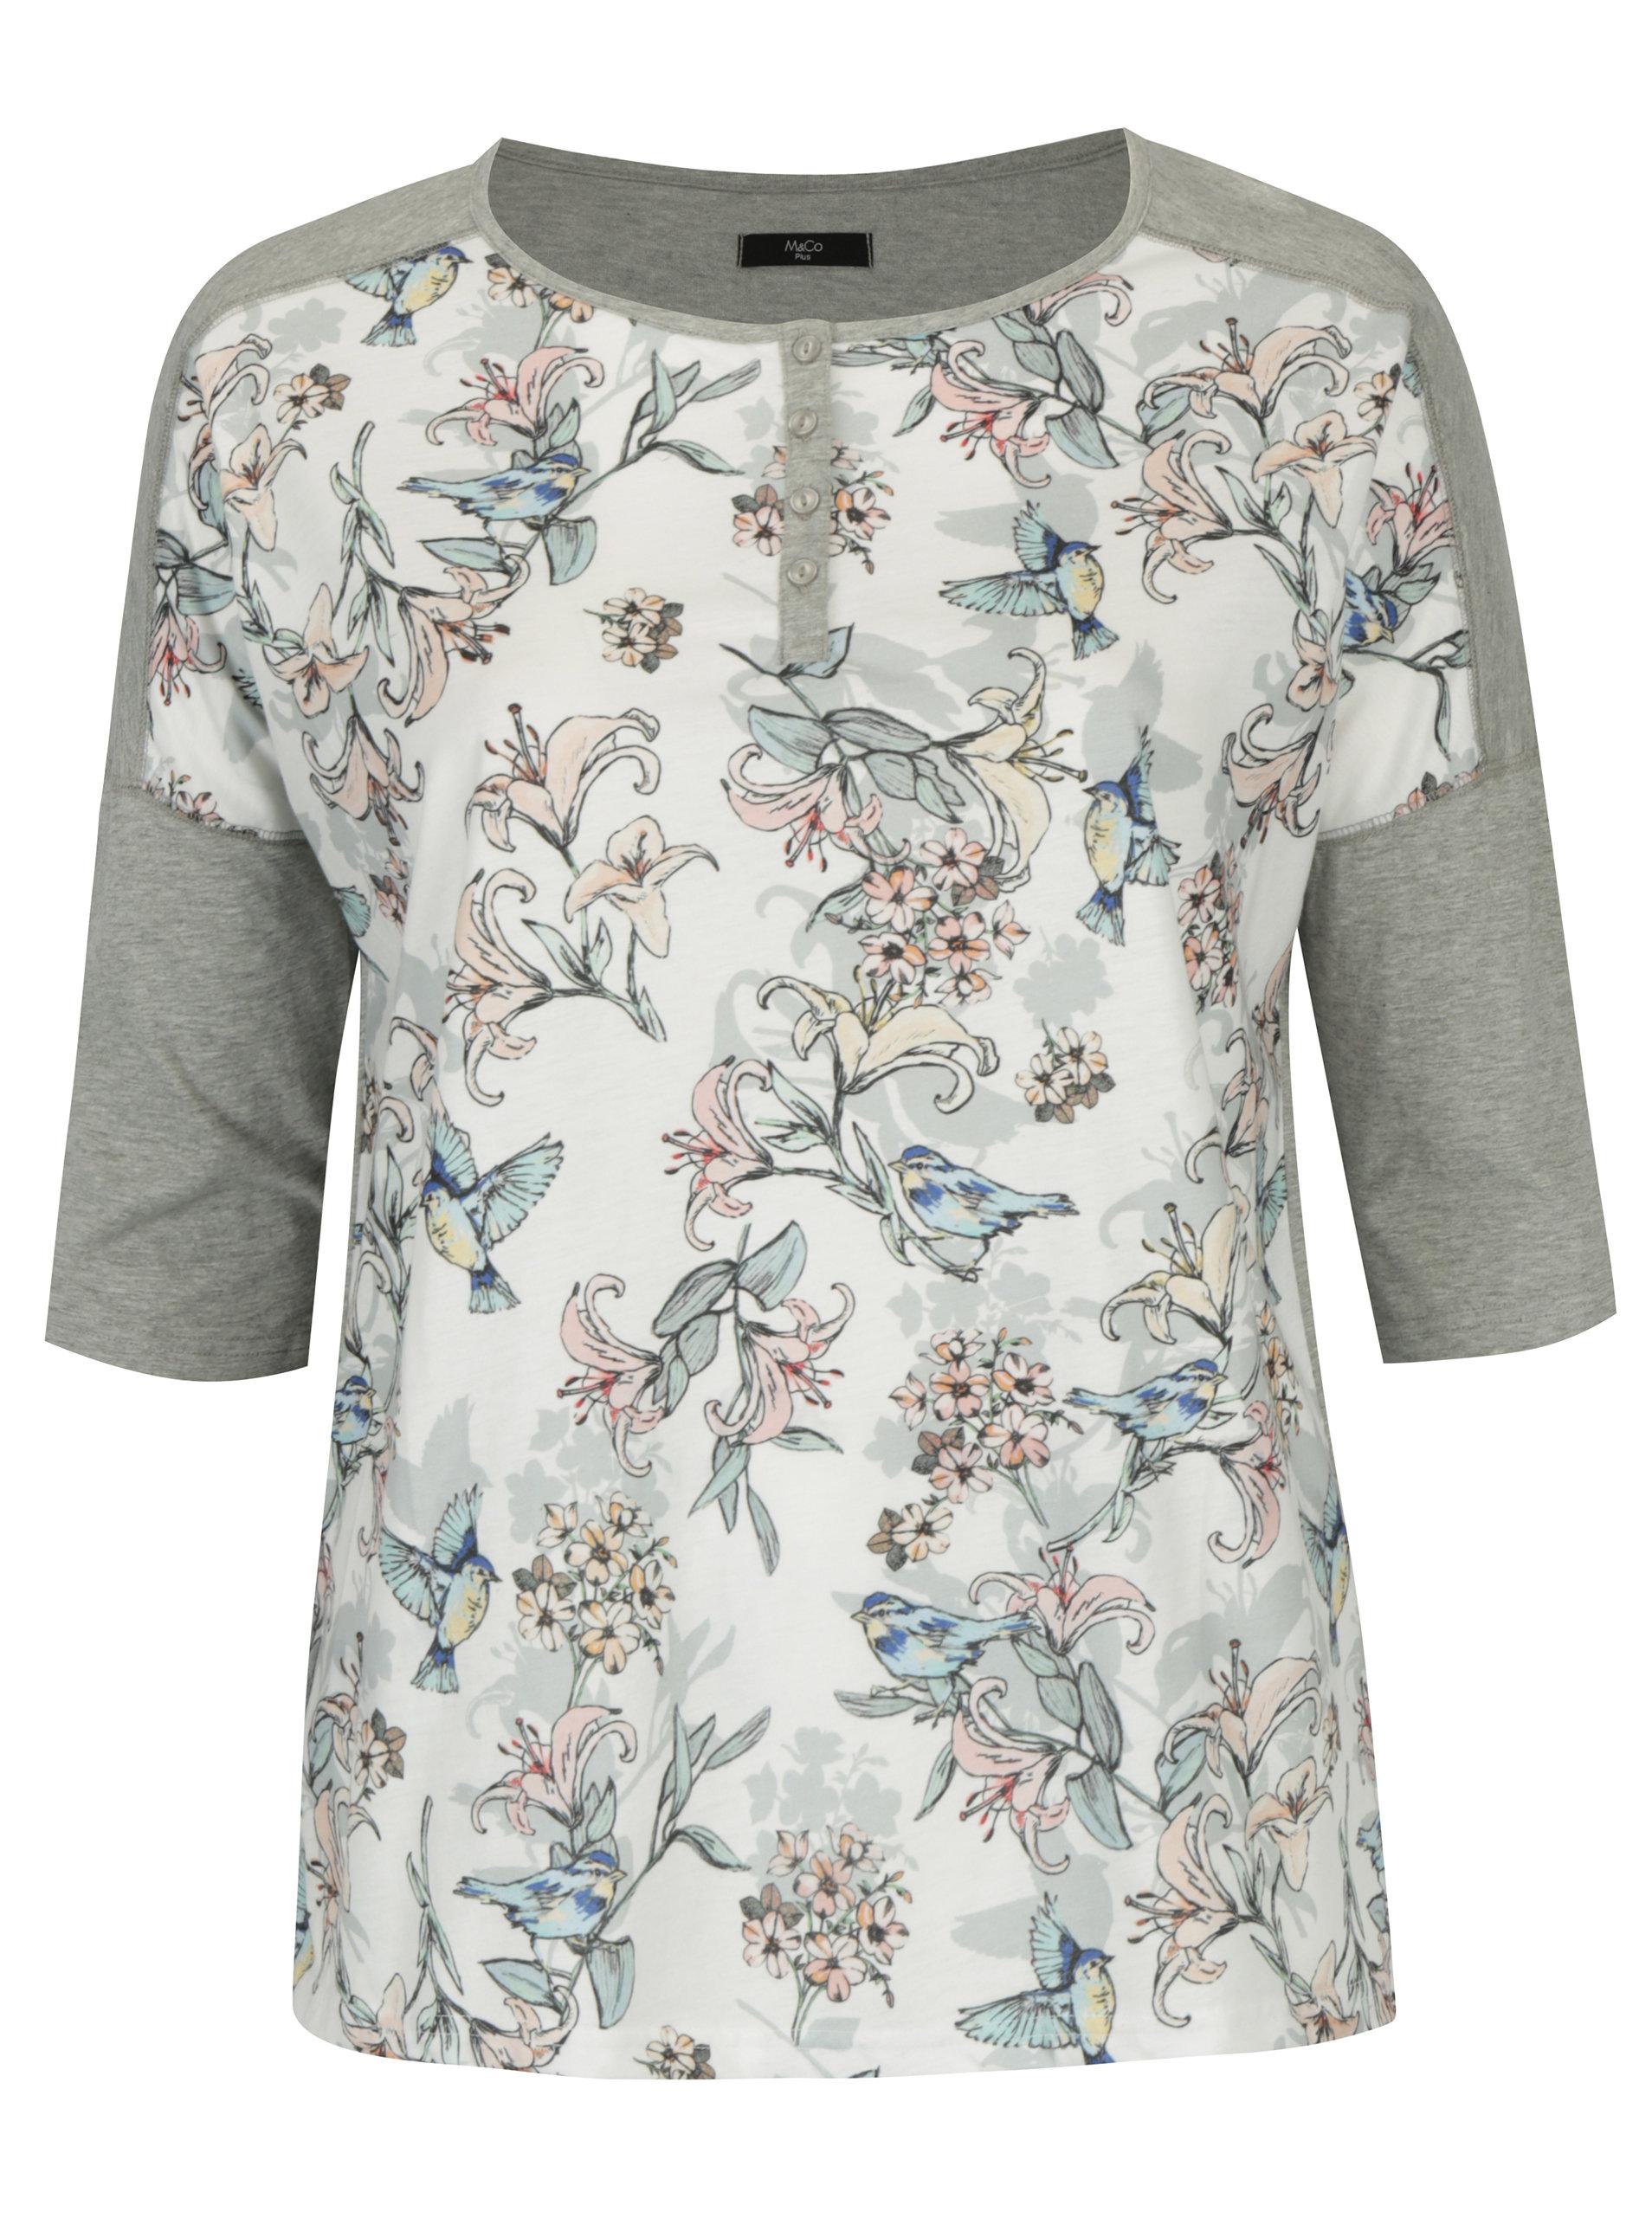 6b0ce468b5664 Krémovo-sivé dámske tričko s motívom kvetín a vtákov M&Co Plus   ZOOT.sk